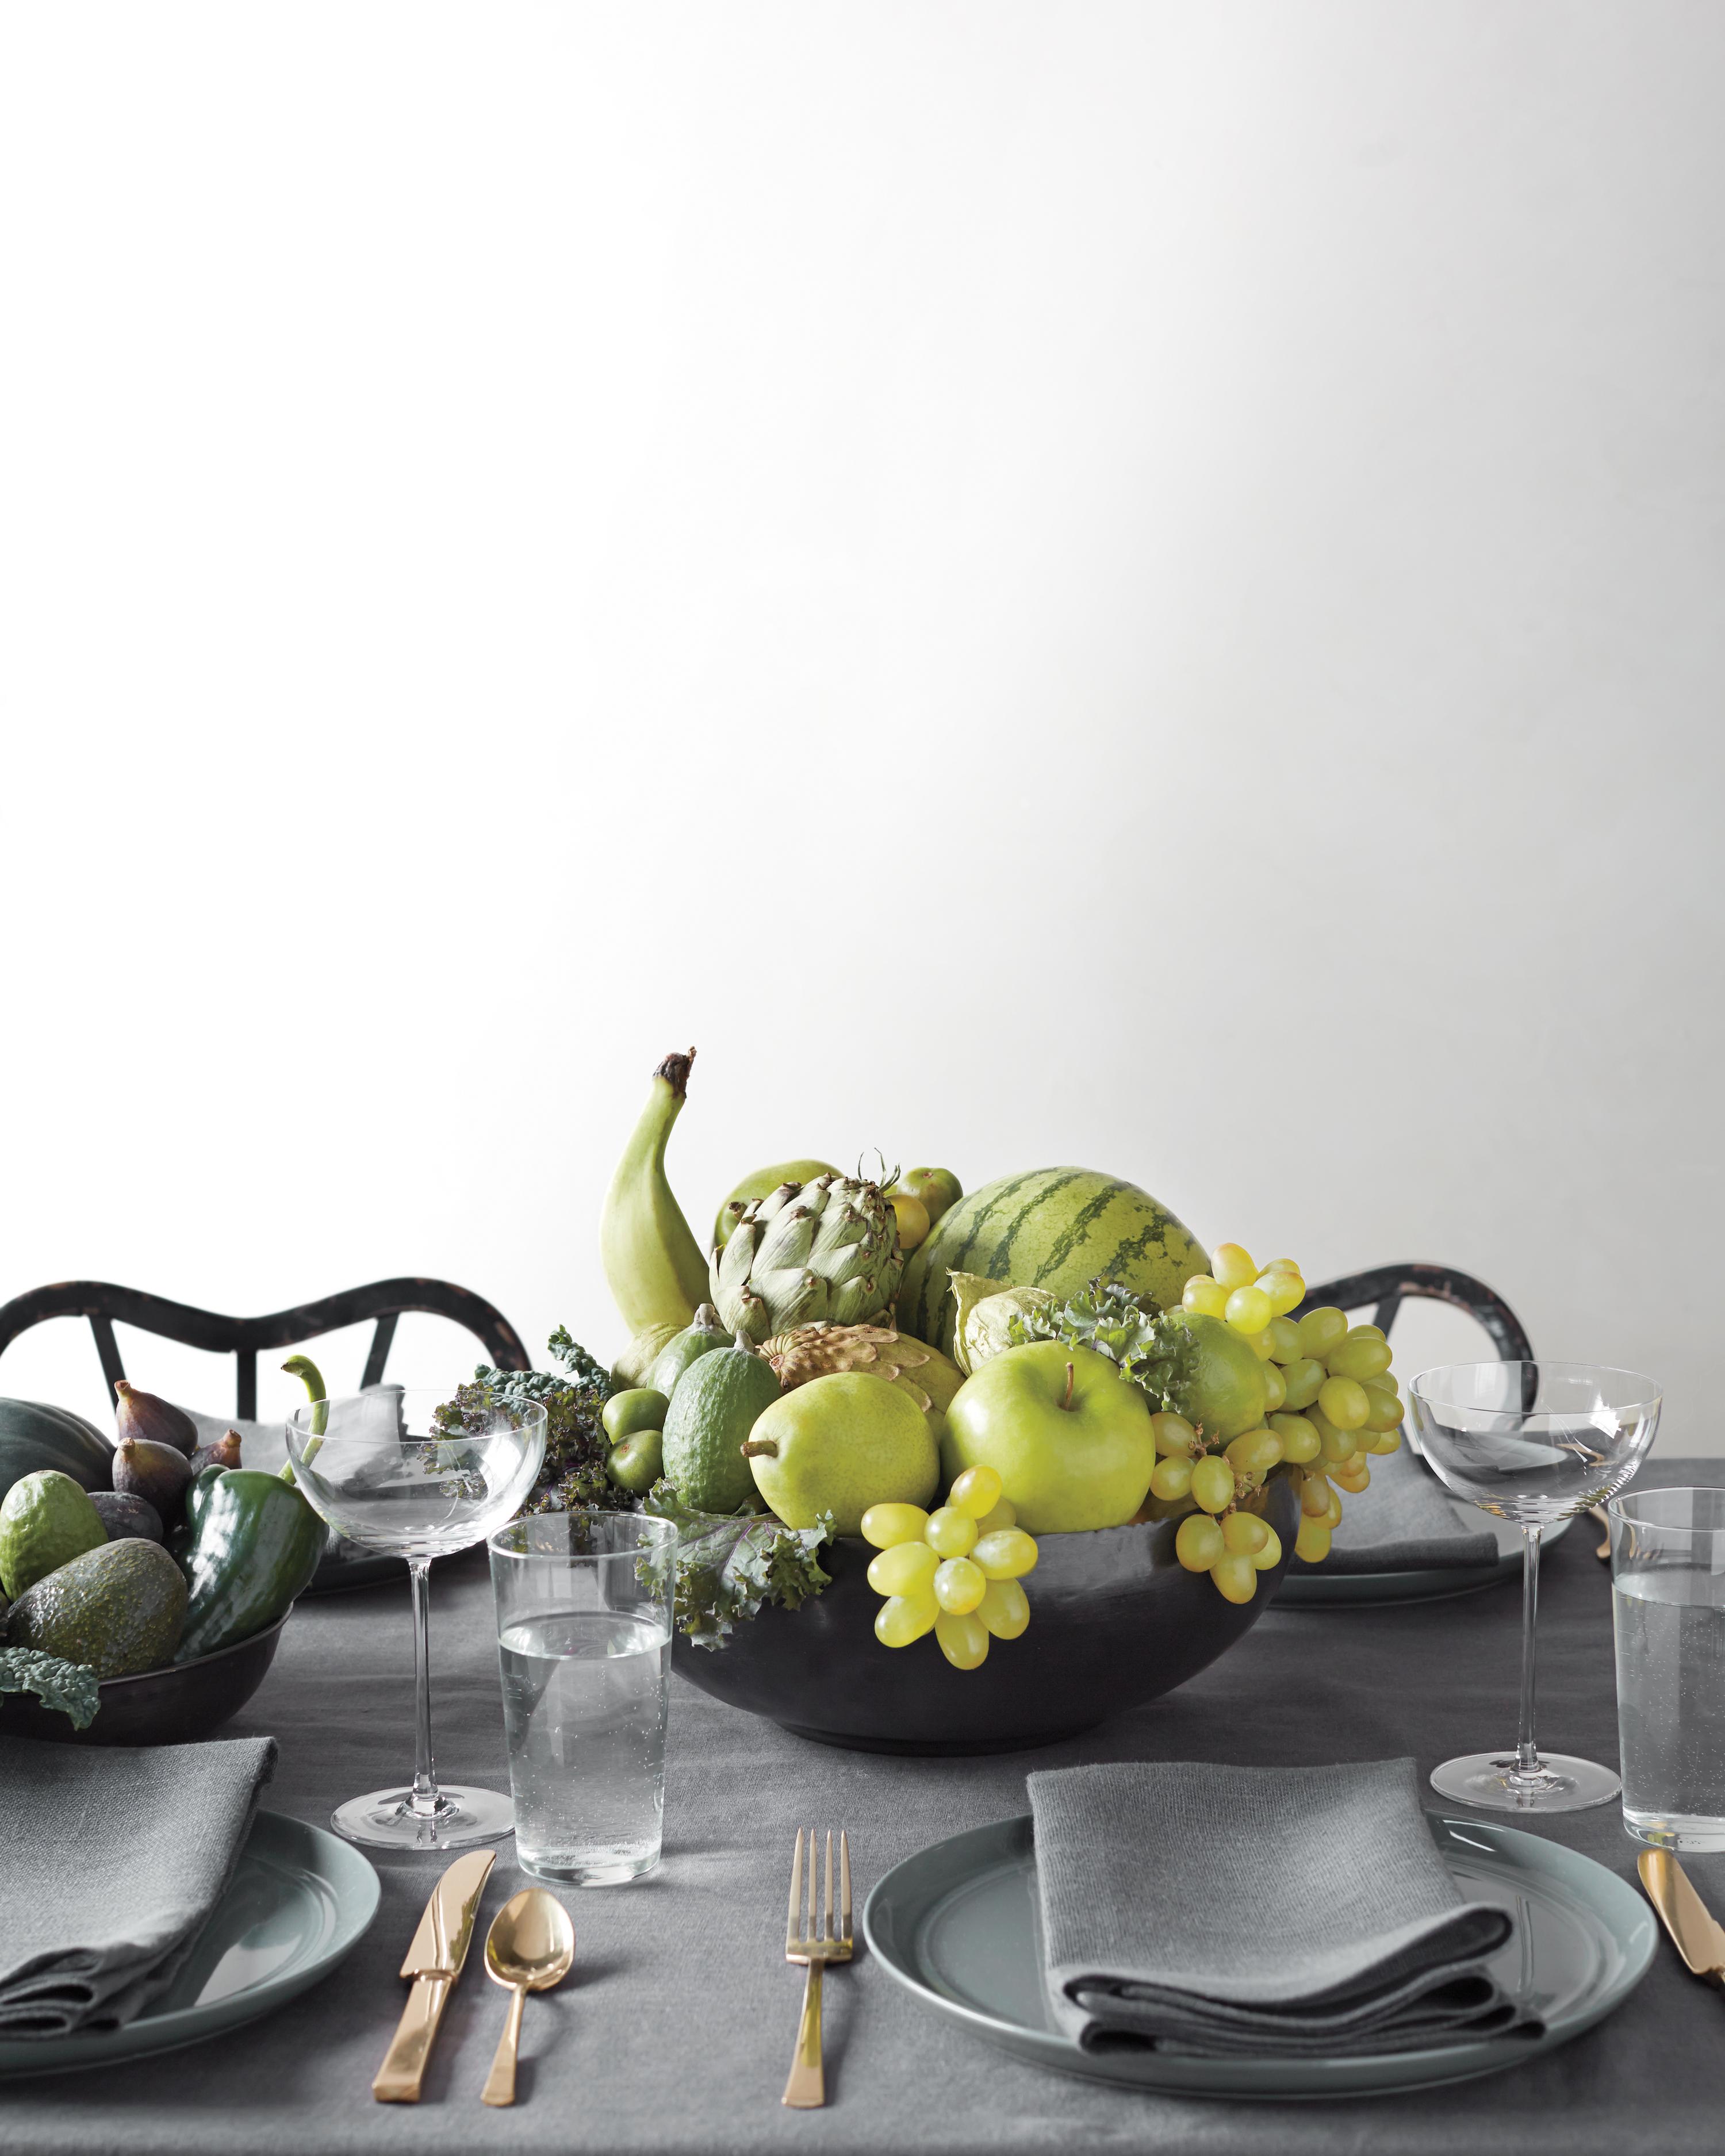 green-fruit-centerpiece-040-d111205.jpg